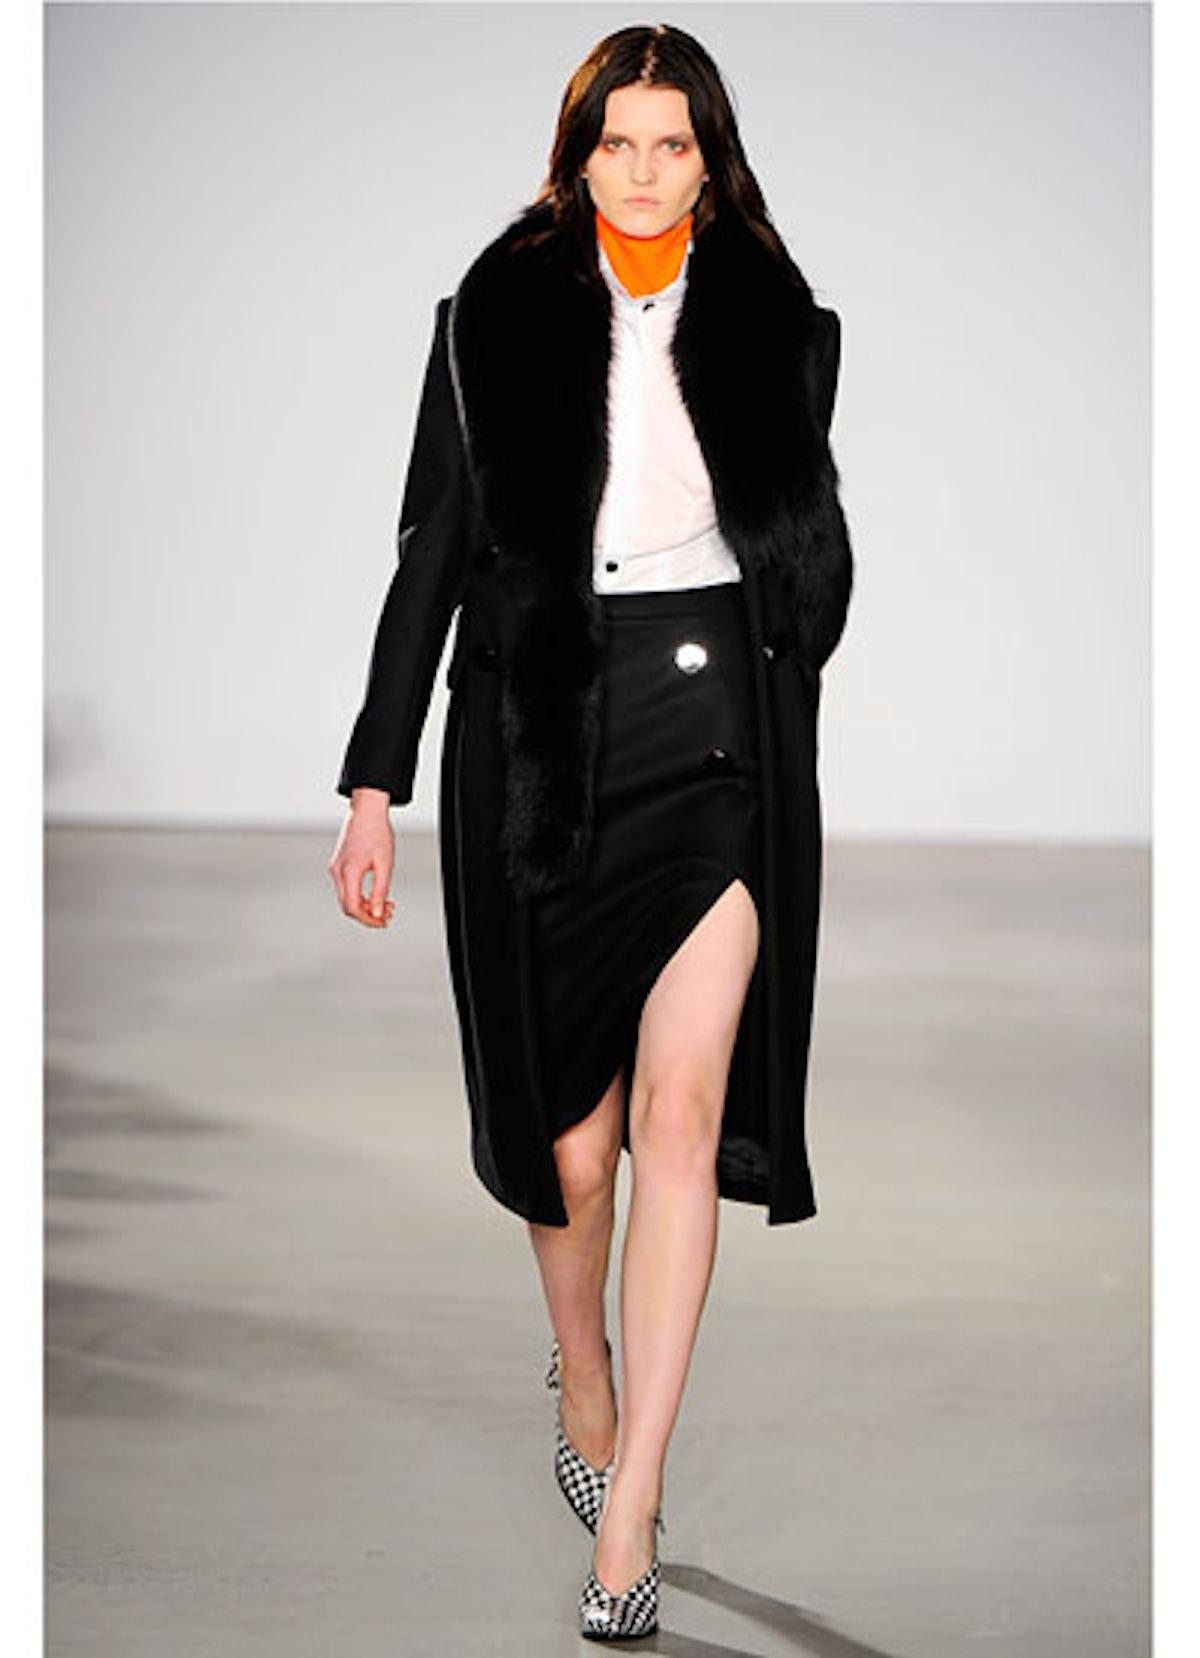 fass-best-skirts-of-fall-2013-01-v.jpg